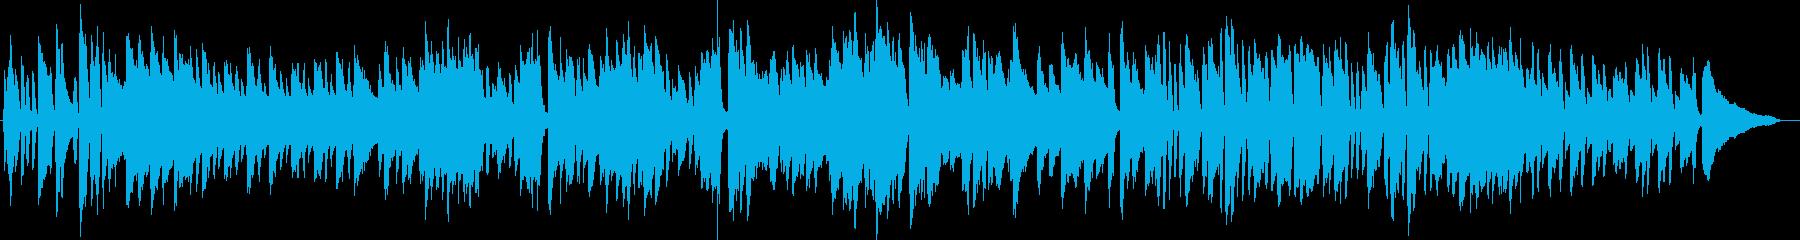 ピアノ演奏/CM・劇伴・Xmas・嬉しいの再生済みの波形